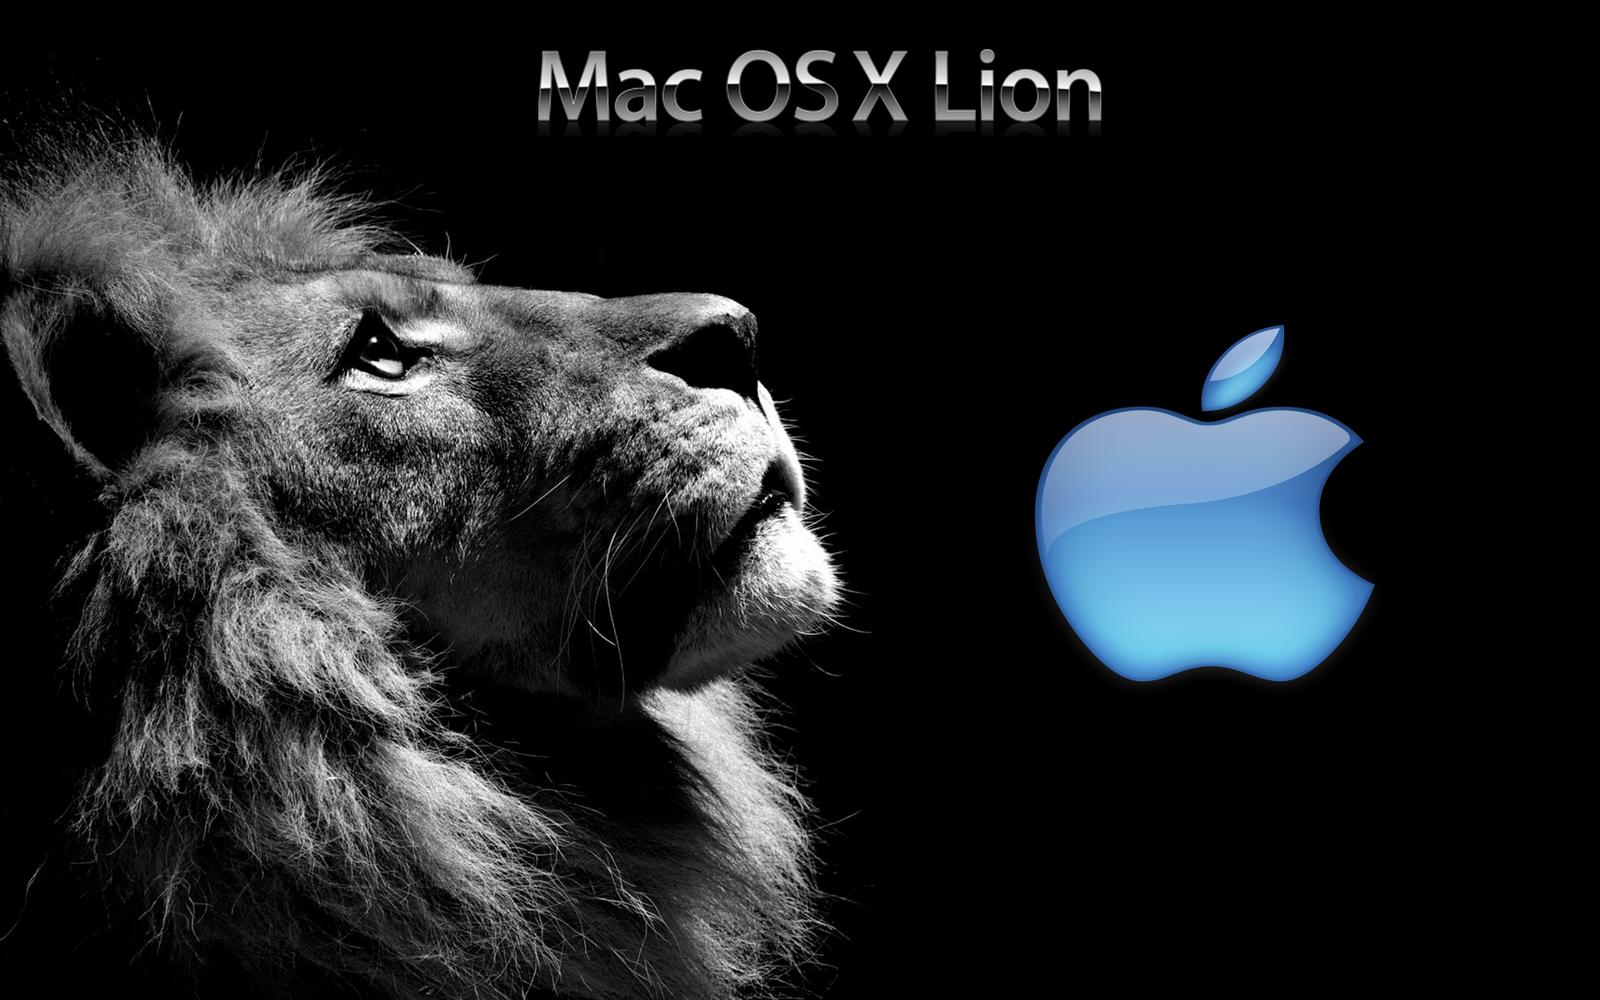 http://3.bp.blogspot.com/-xsMSGacvz5U/UD3VuZzHx4I/AAAAAAAAAR8/e1VKkAQk6kg/s1600/Lion+with+blue+colour+apple+logo+mac+os+x+lion+wallpaper+unseen.jpg